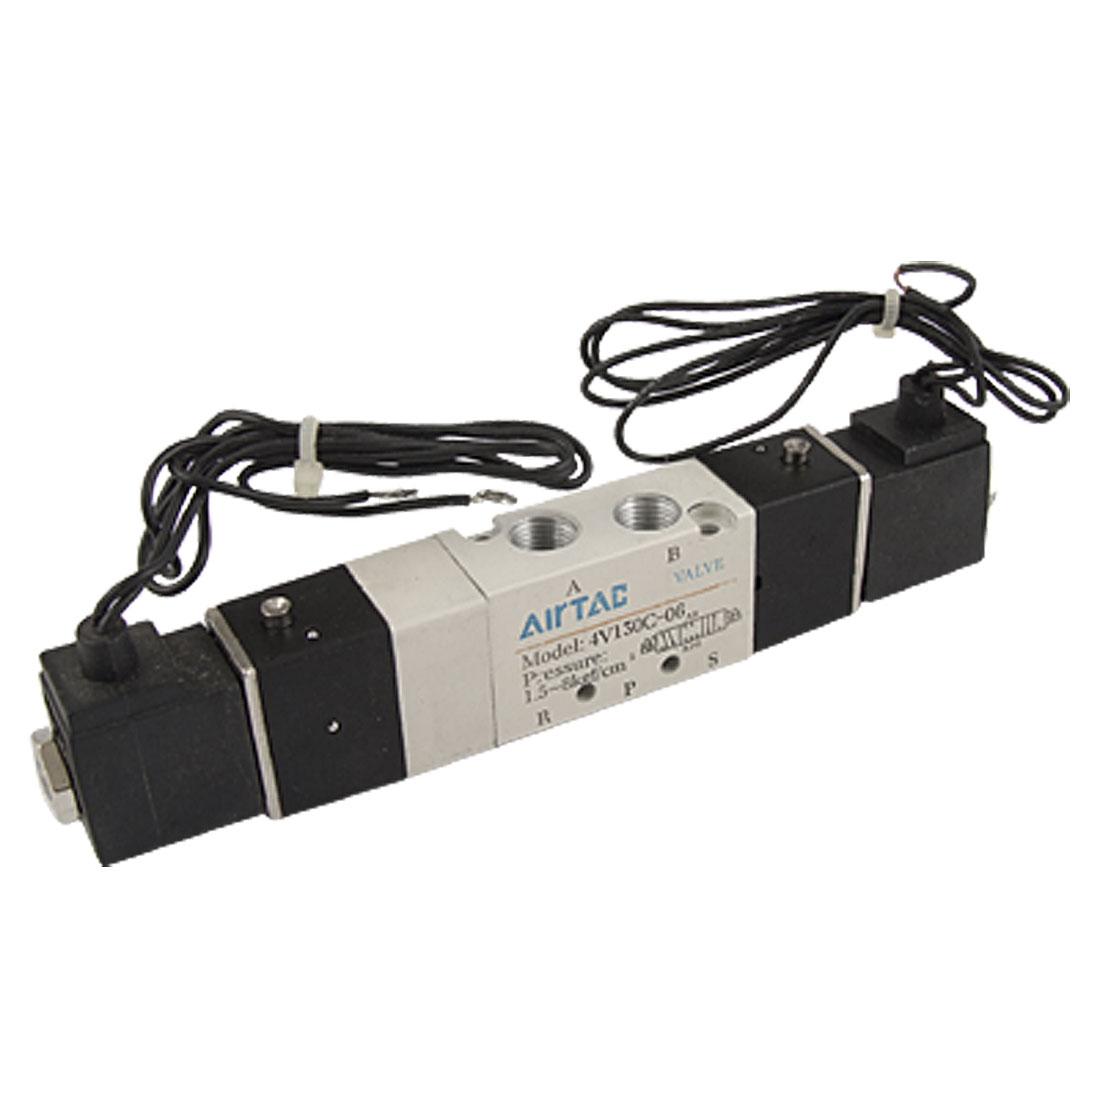 DC 12V PT 1/8 Inlet 3 Position 5 Way 4V130C-06 Solenoid Valve